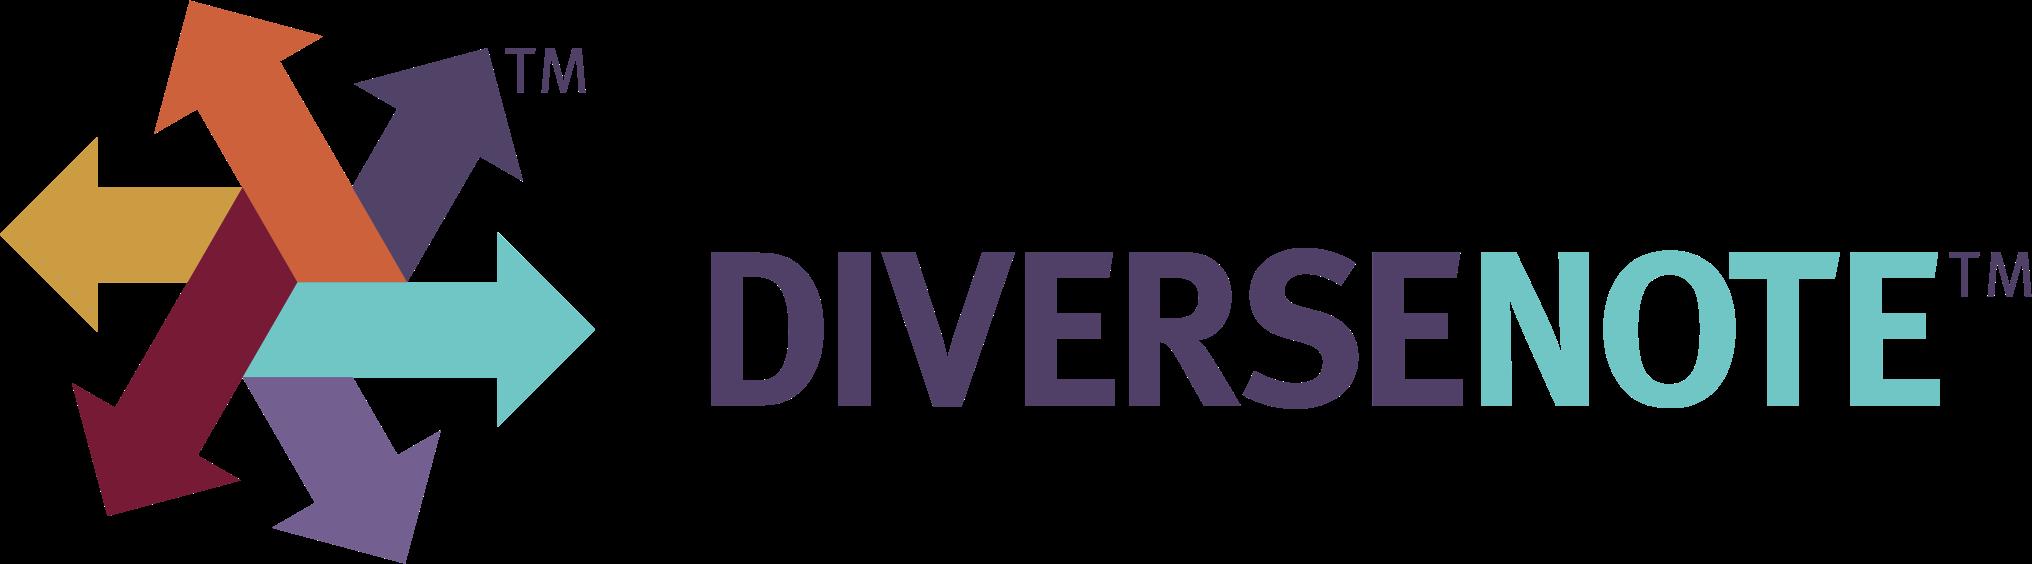 DiverseNote Mobility